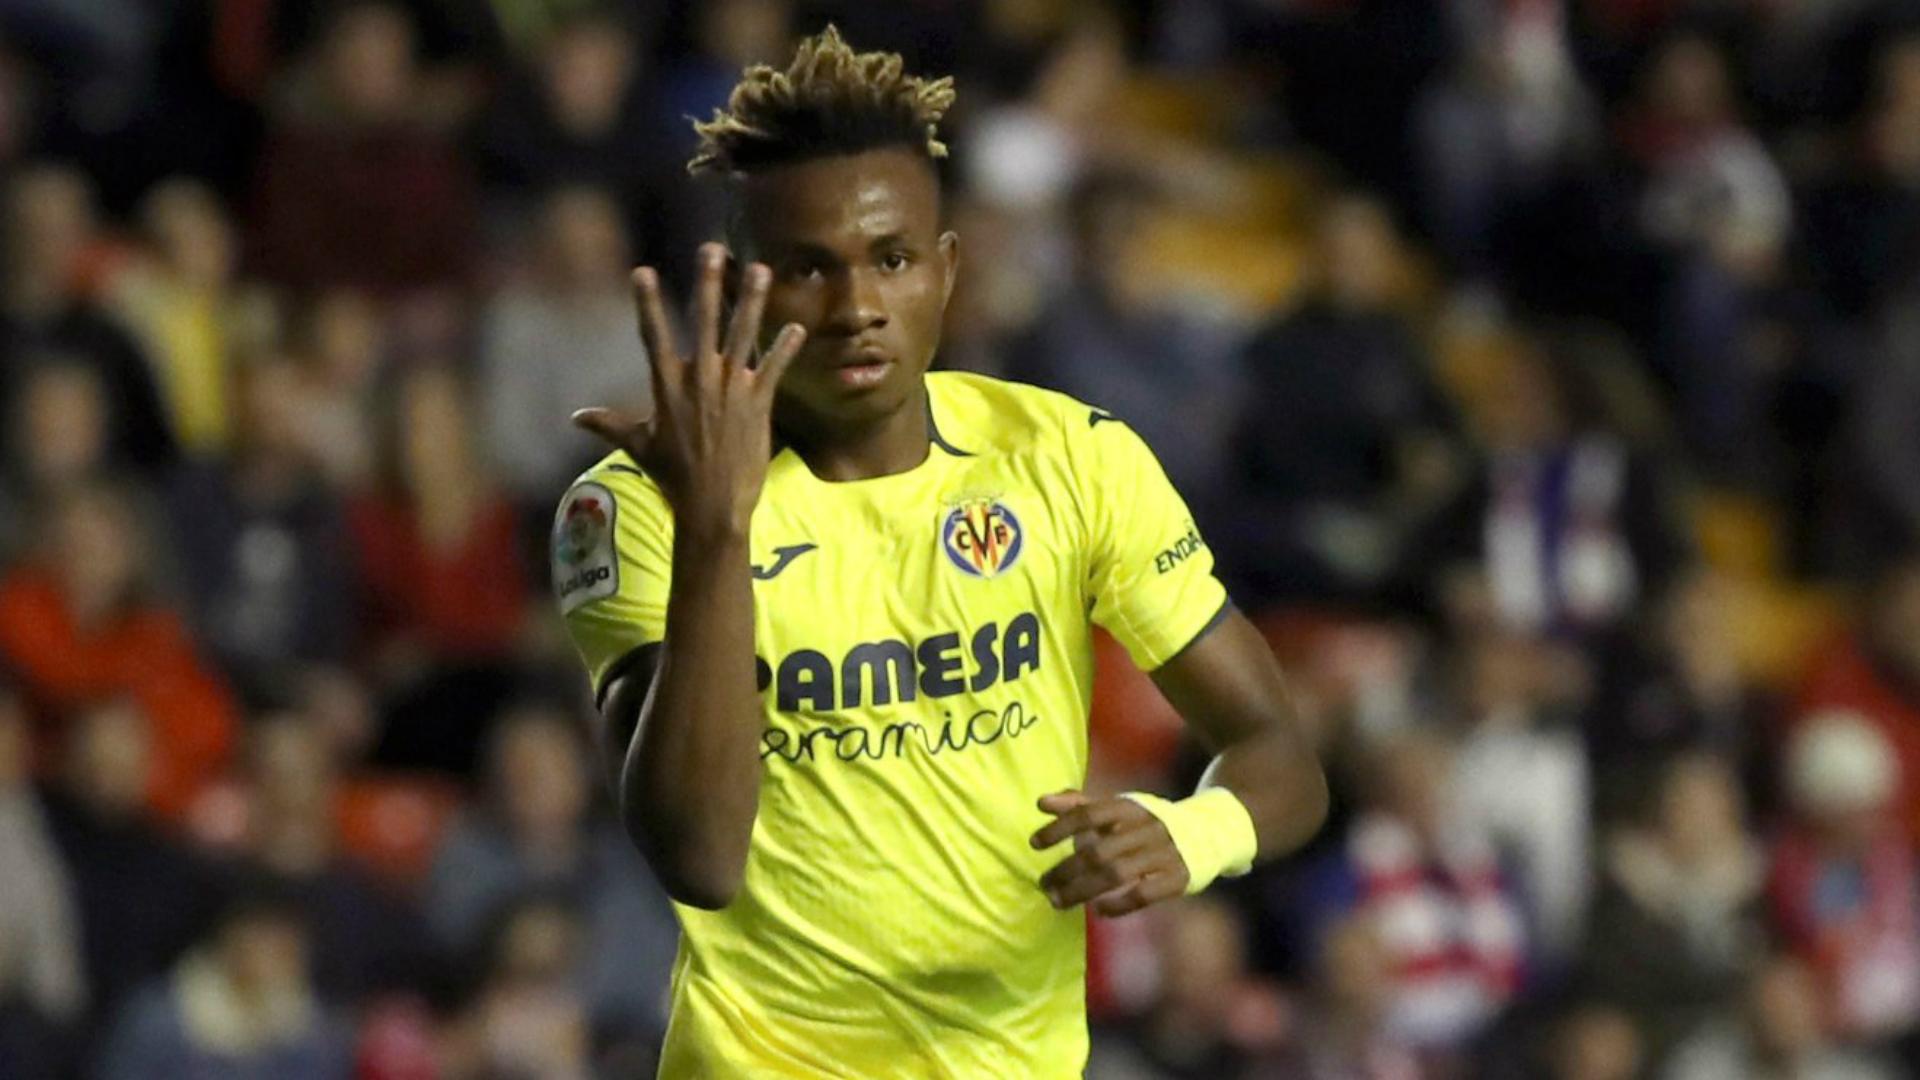 Copa del Rey: Super-sub Chukwueze seals Villarreal victory against Girona